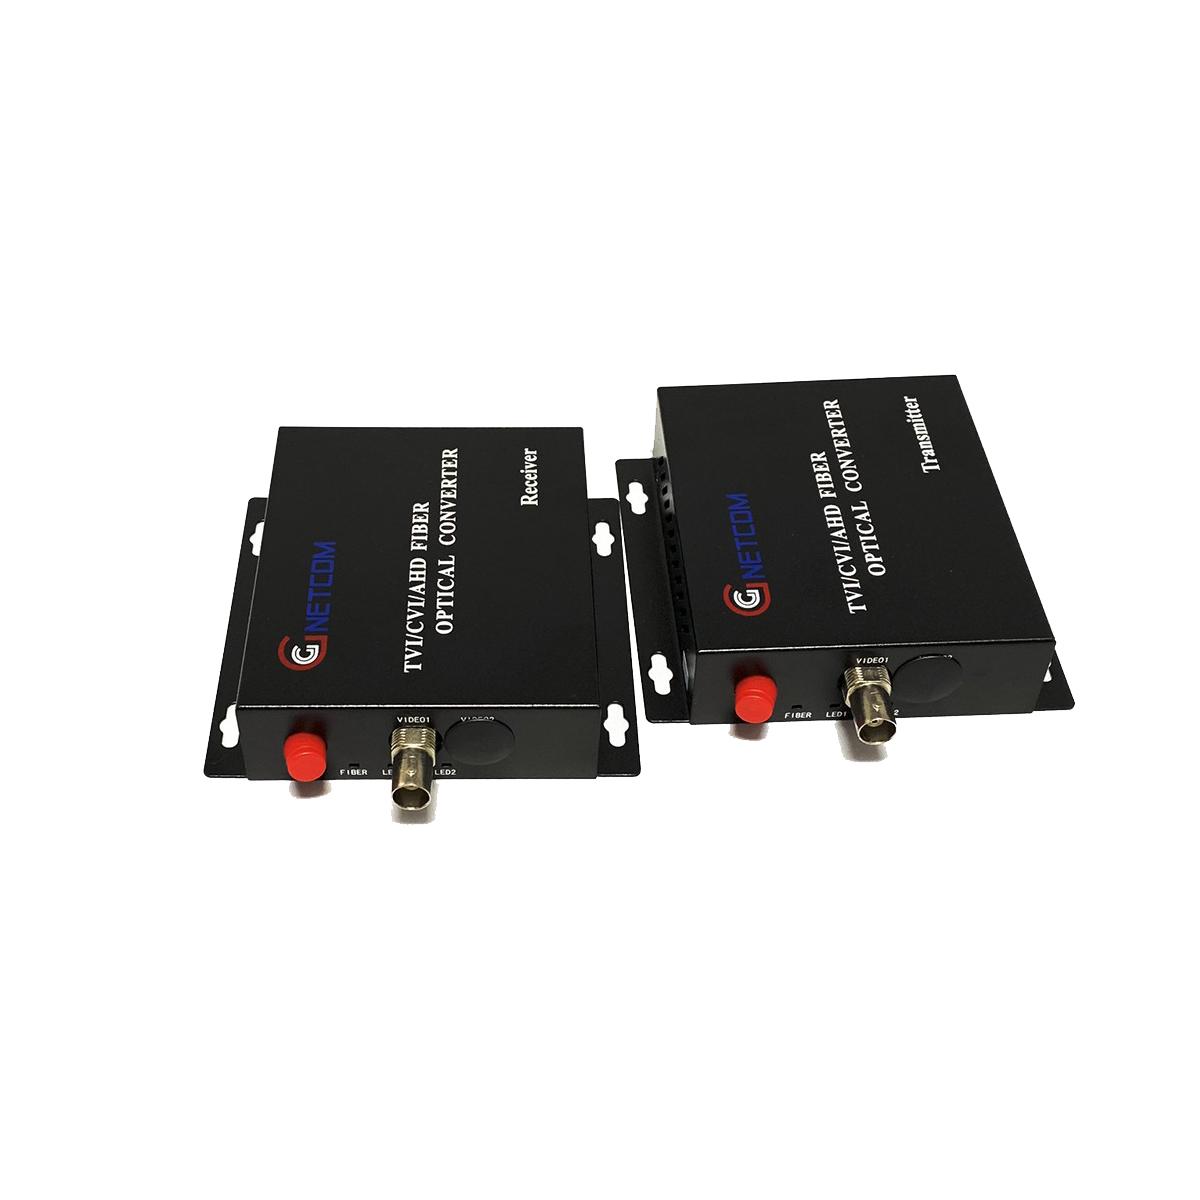 Bộ chuyển đổi video sang quang 1 kênh GNETCOM HL-1V-20T/R-1080P (2 thiết bị,2 adapter) - Hàng Chính Hãng